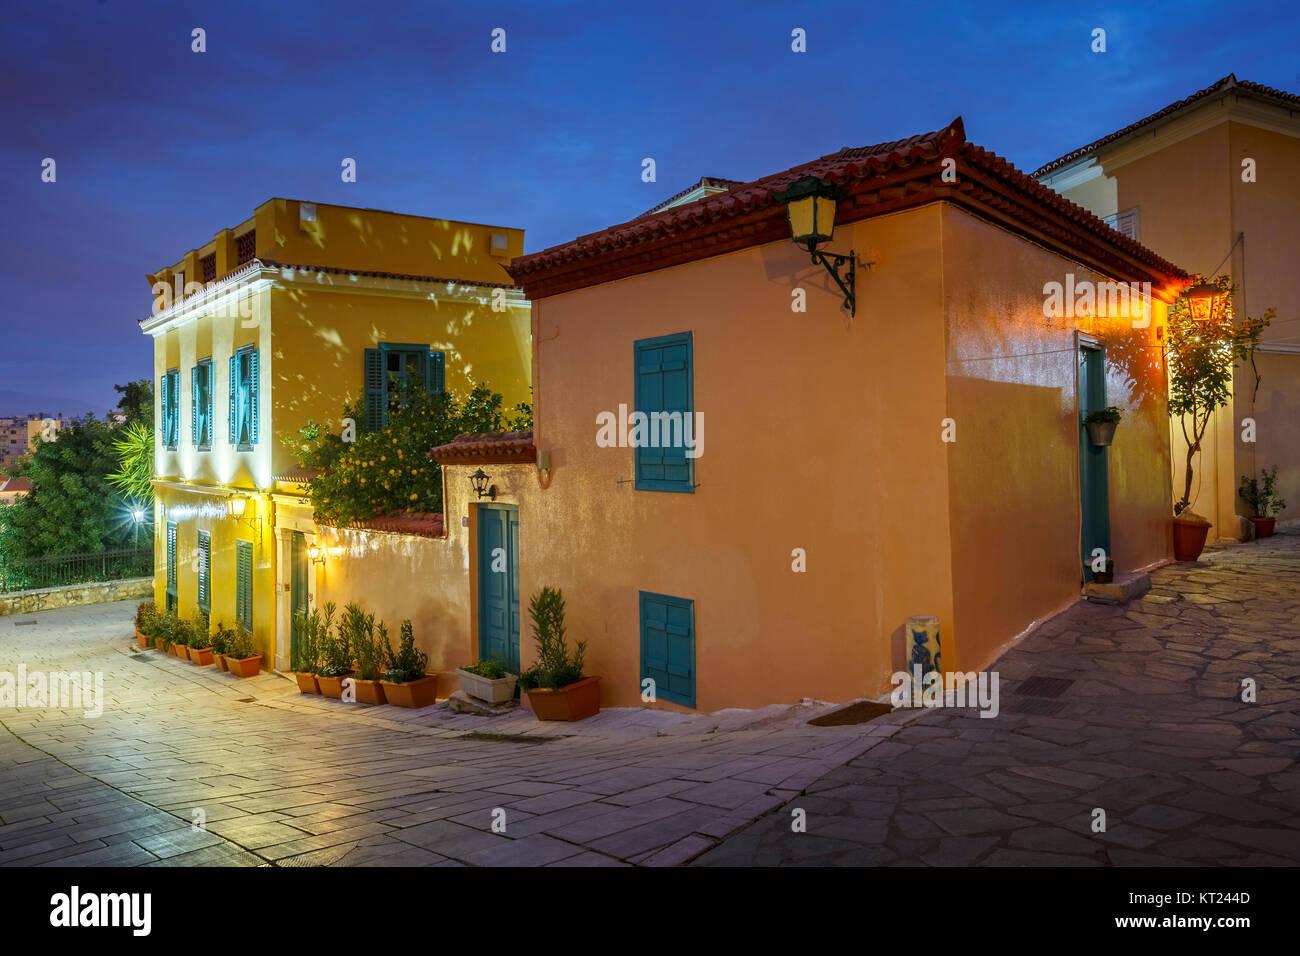 L'architecture à Plaka, la vieille ville d'Athènes, Grèce. Photo Stock